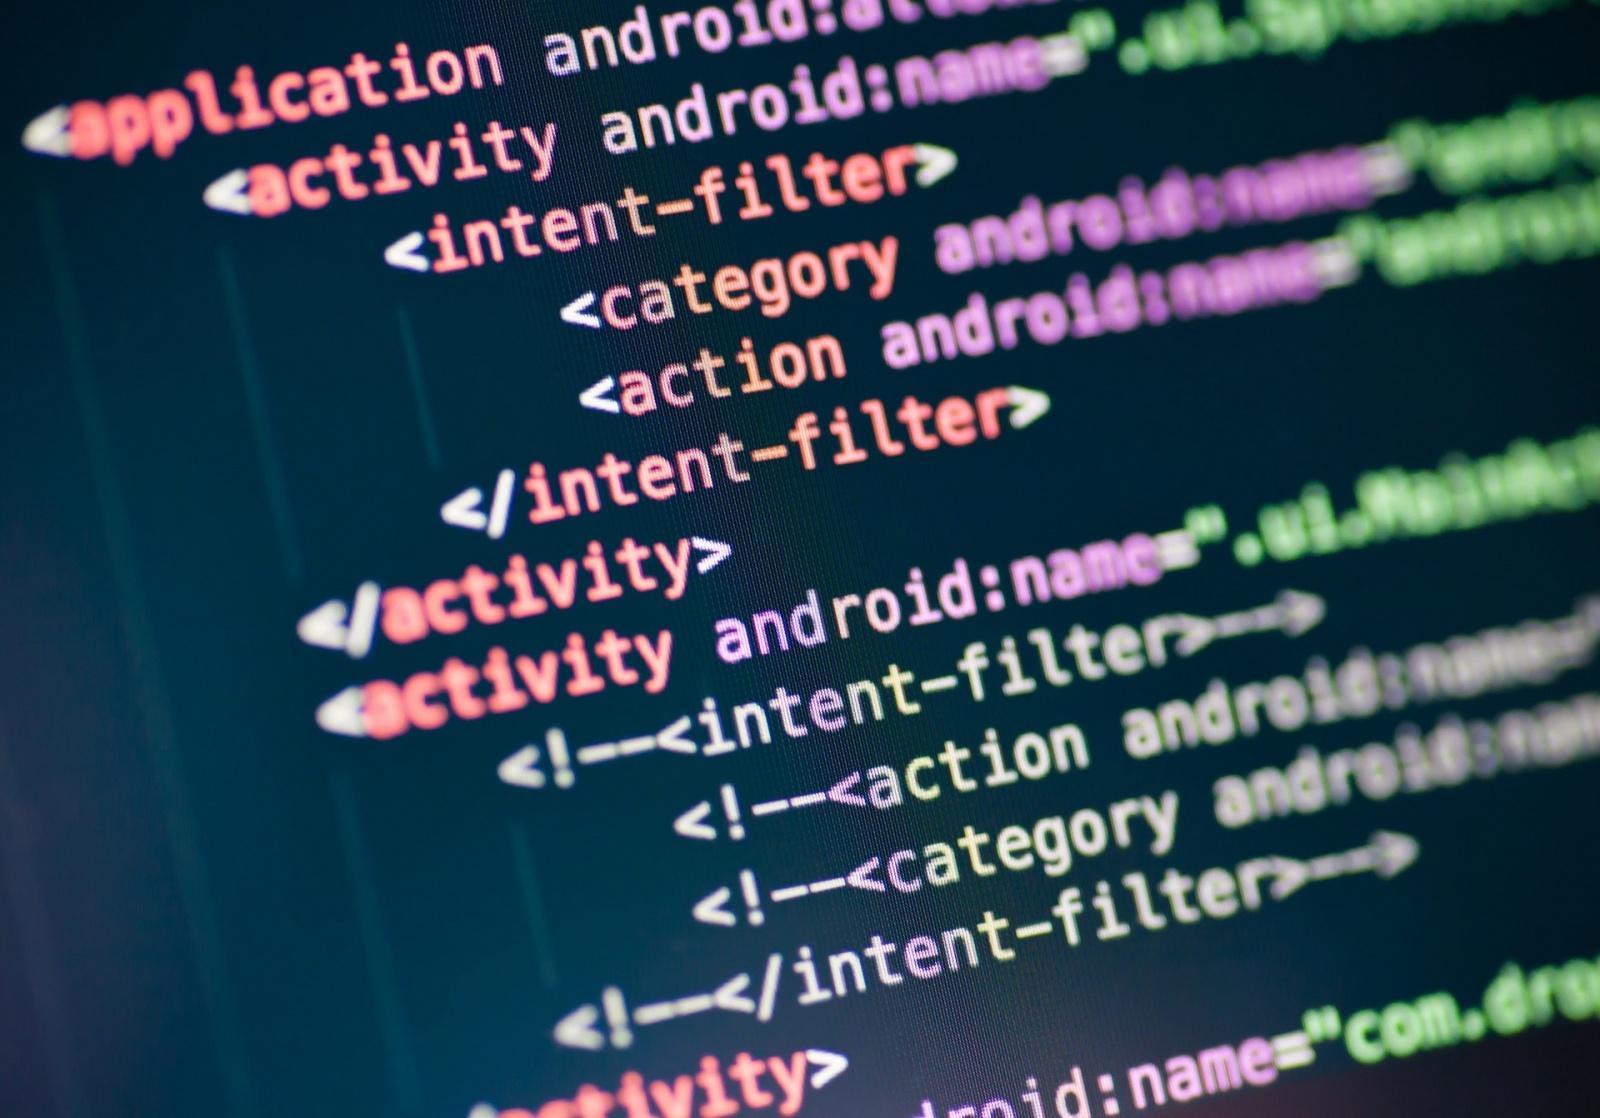 Дайджест интересных материалов для мобильного разработчика #204 (15-21 мая) - 3